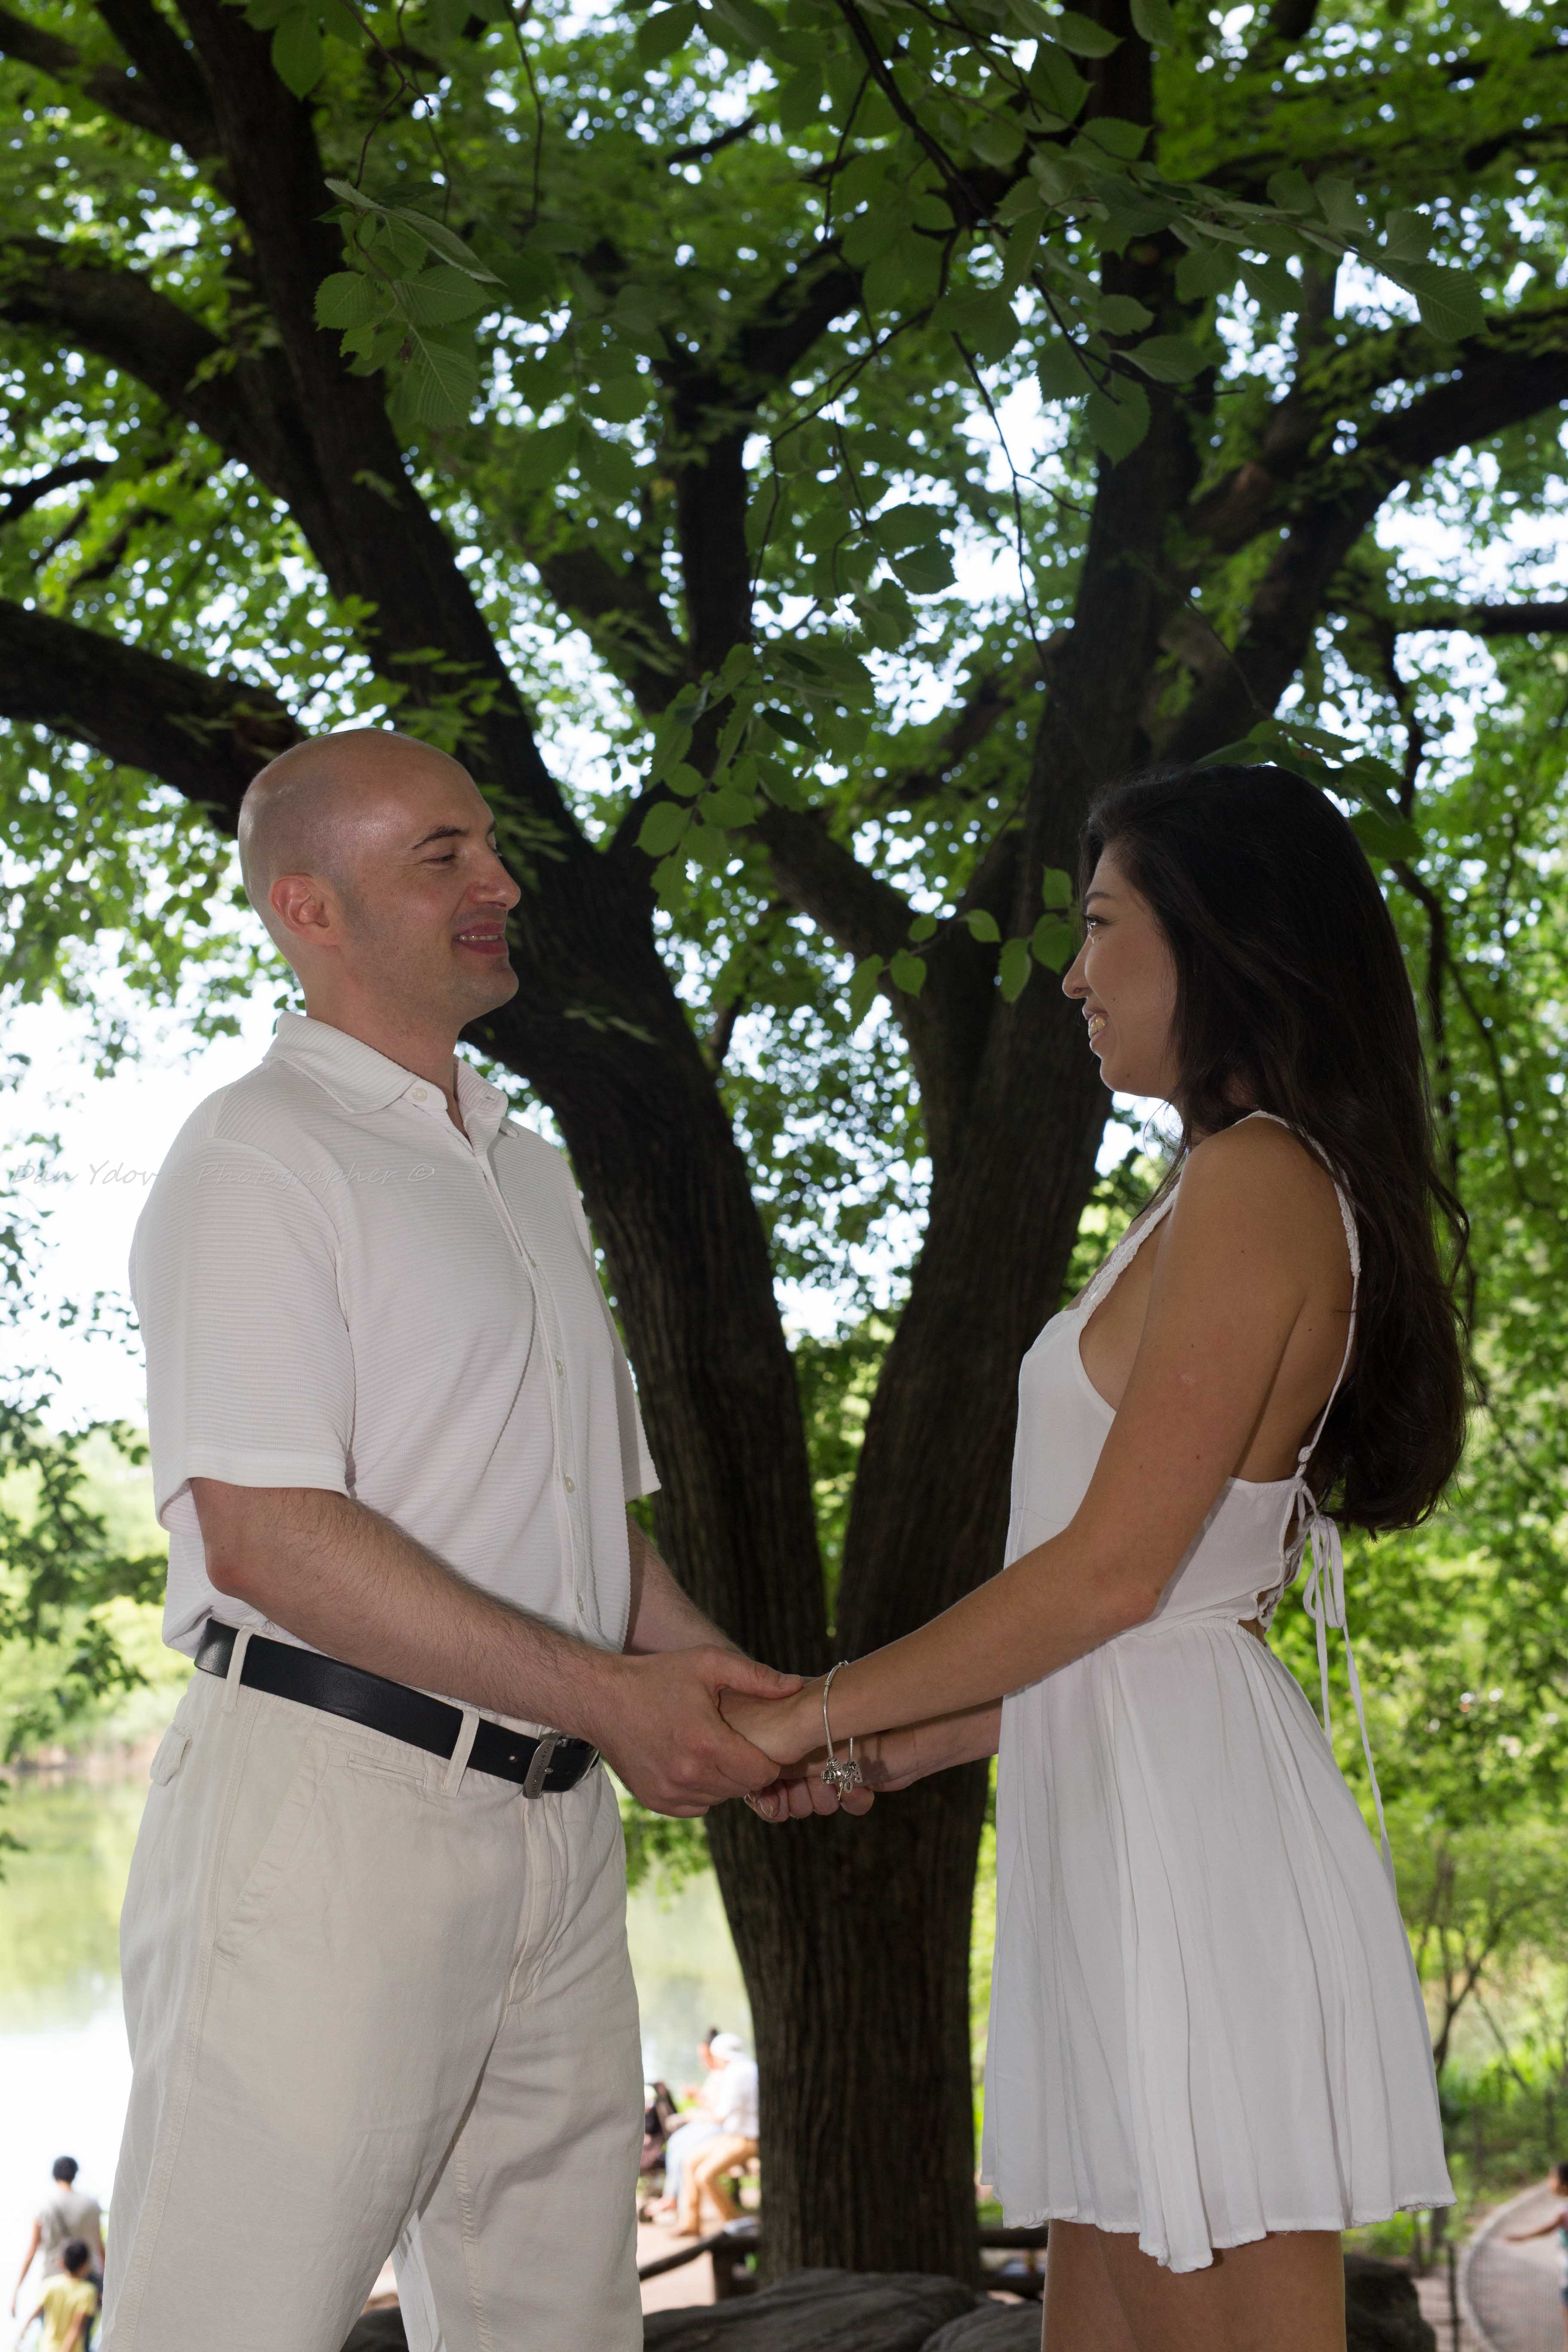 צילומי סיפור אהבה, יורי ויוליה